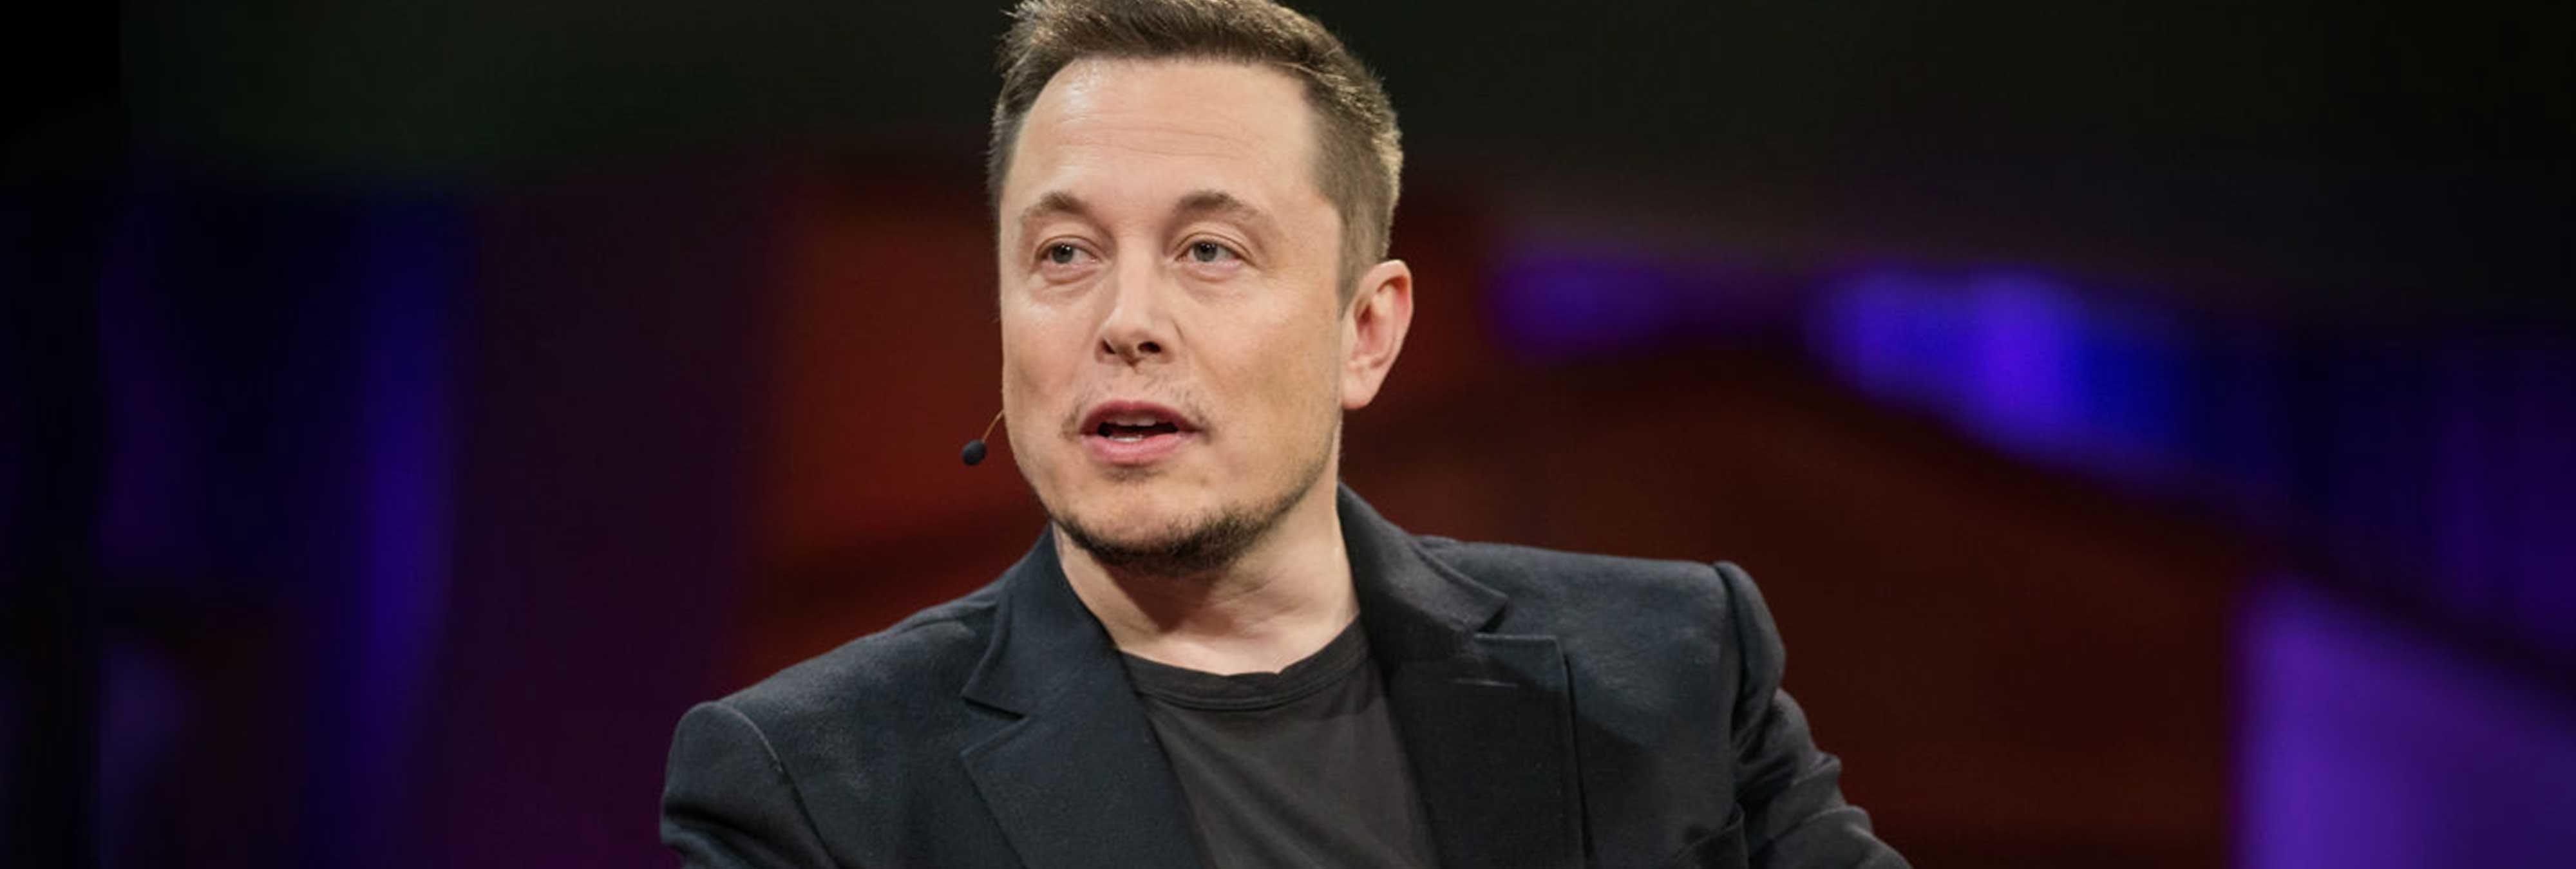 """Elon Musk, creador de Tesla, llama """"pedófilo"""" a uno de los rescatistas de la cueva de Tailandia"""